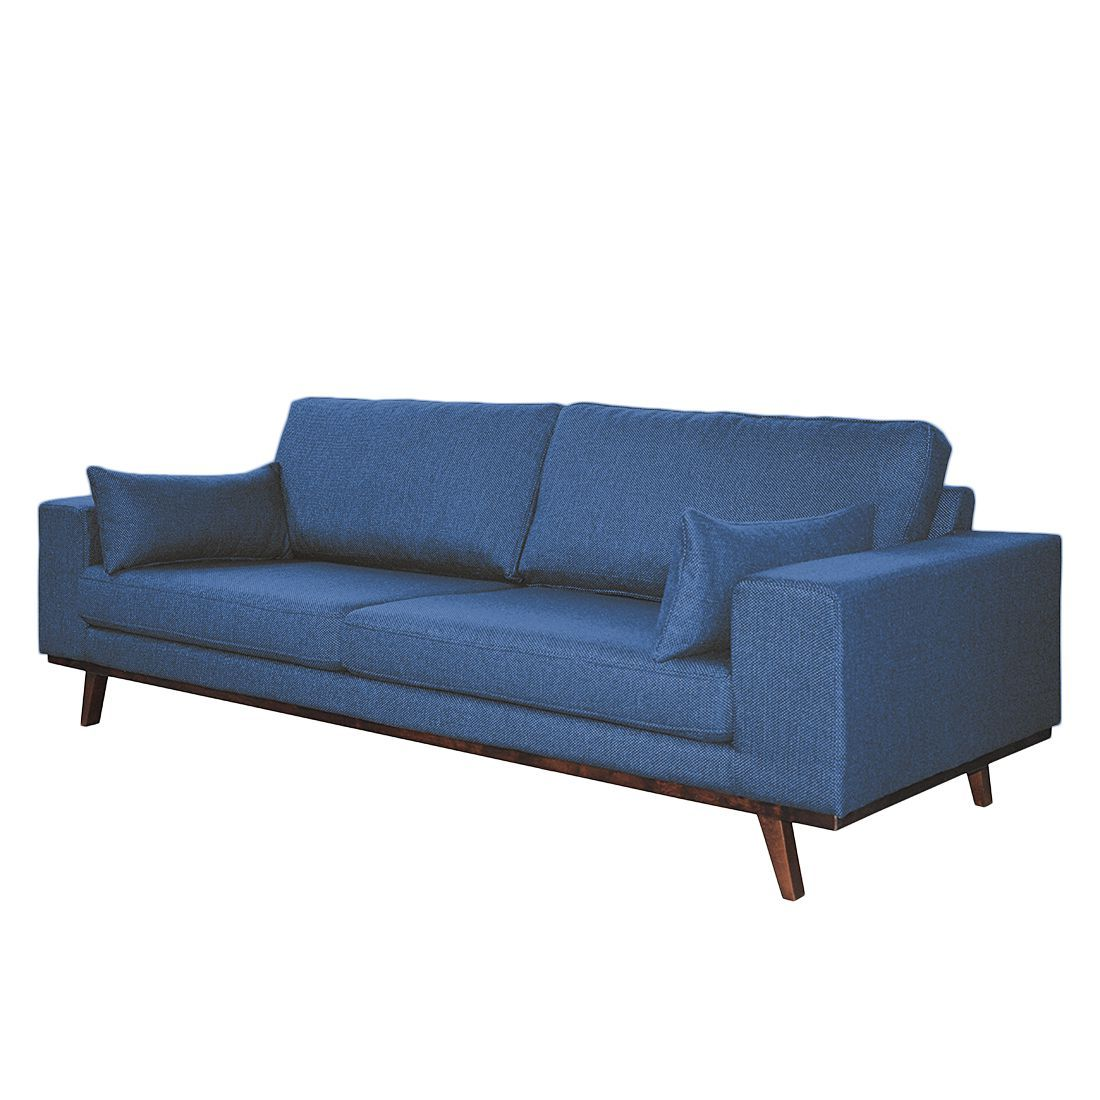 Sofa Billund (3-Sitzer) - Strukturstoff - Jeansblau, Morteens Jetzt ...